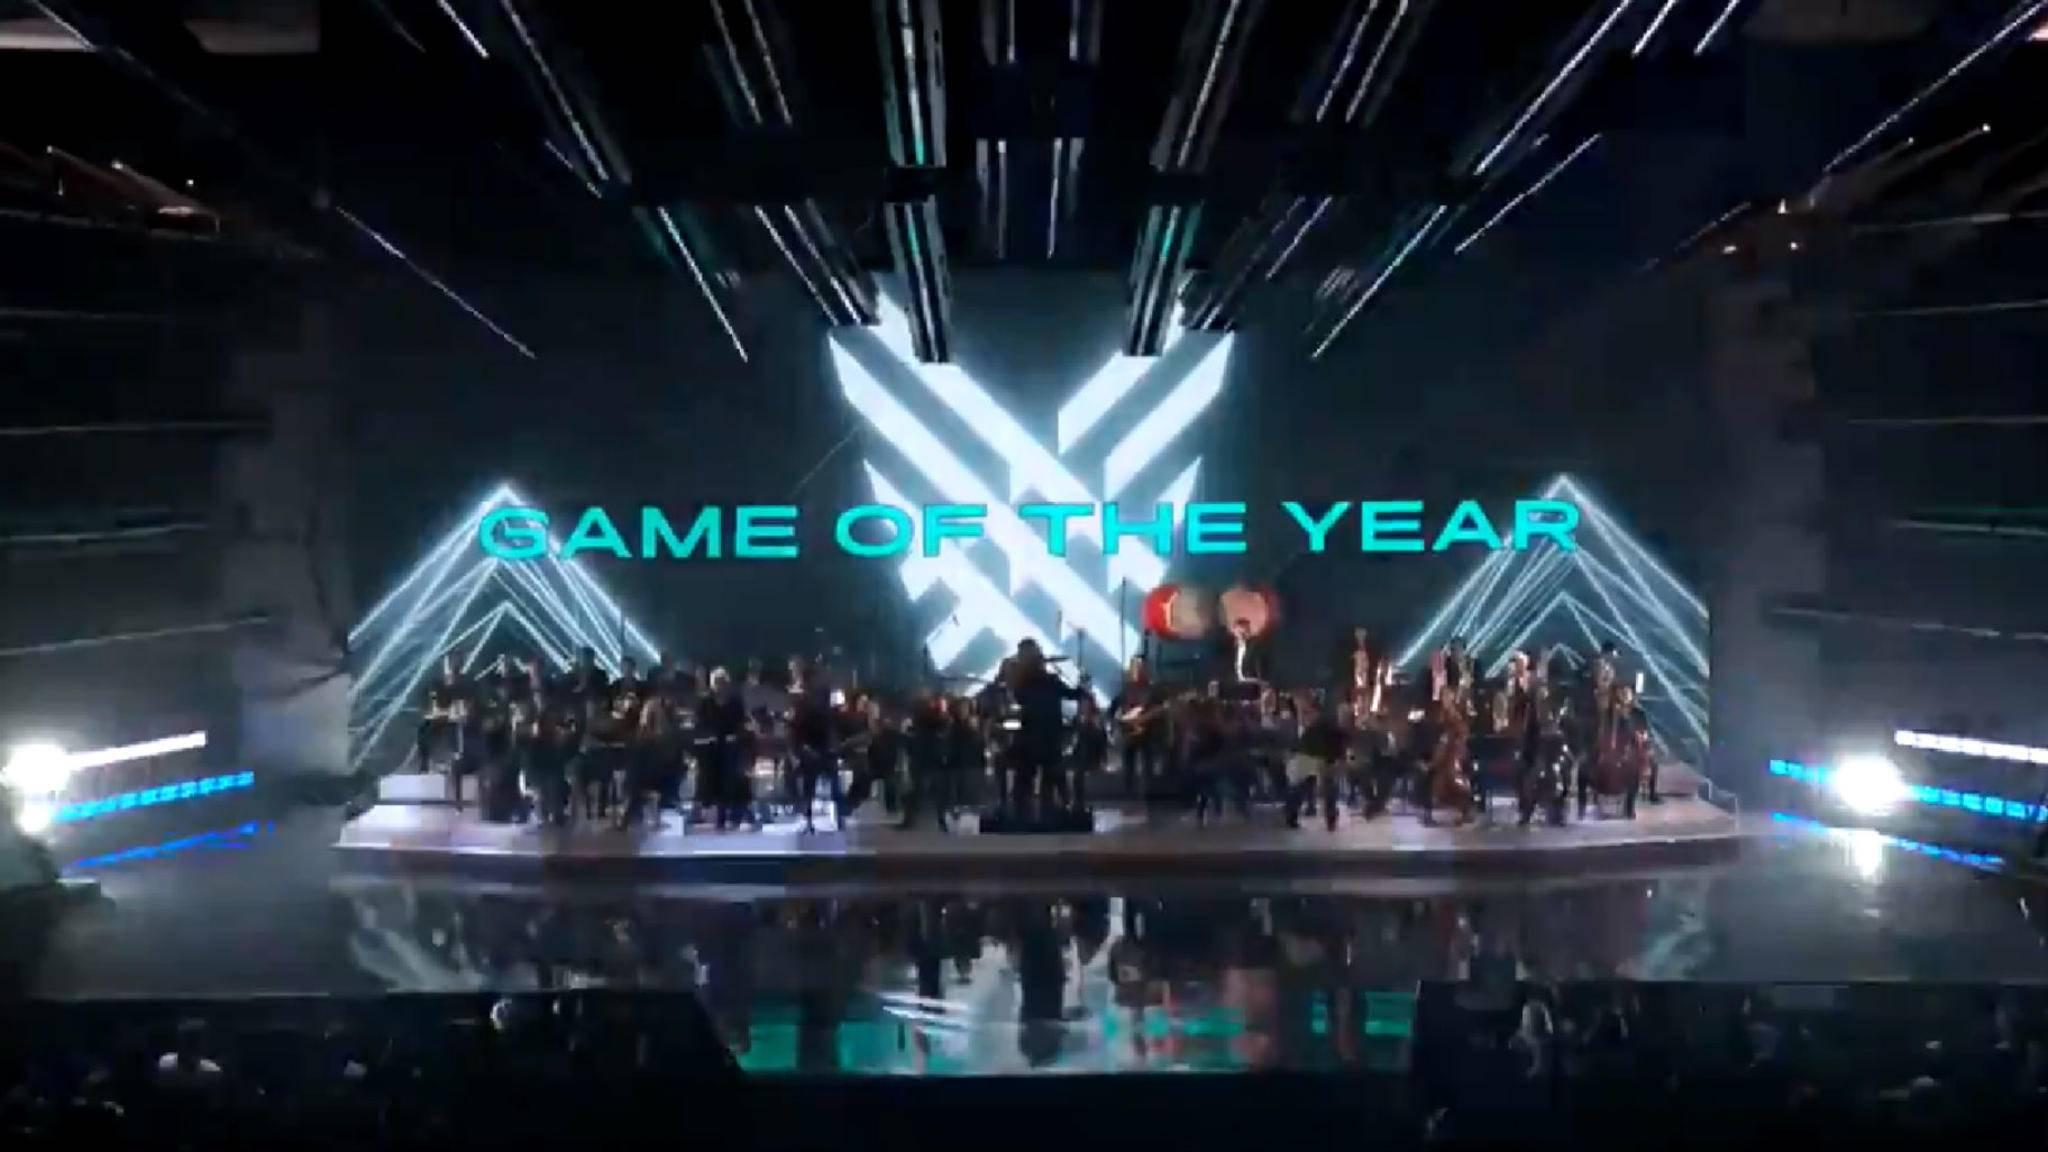 Die Game Awards werden für Fans und Publisher immer wichtiger.